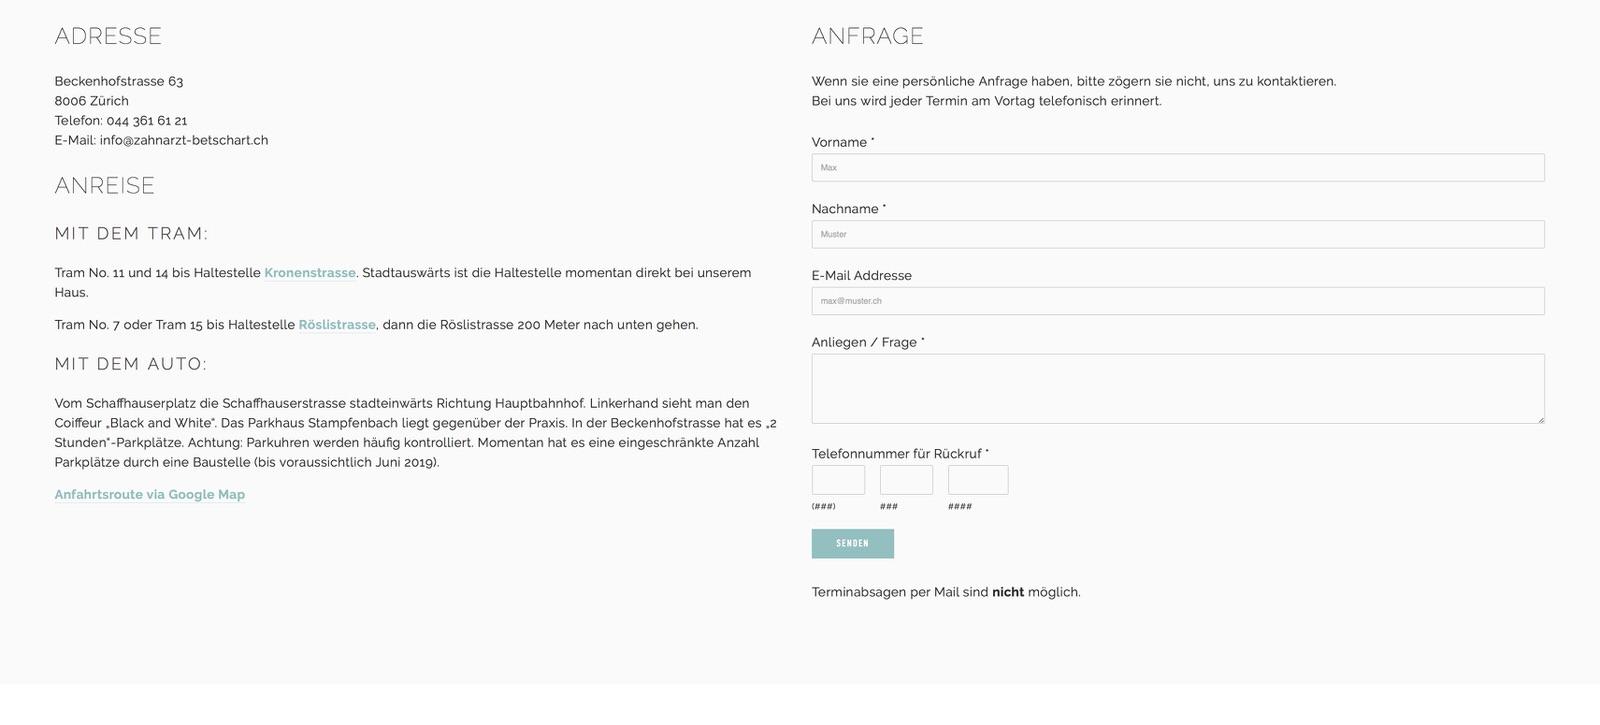 zahnarzt-betschart-webseite-partnersingmbh-6-1.jpg